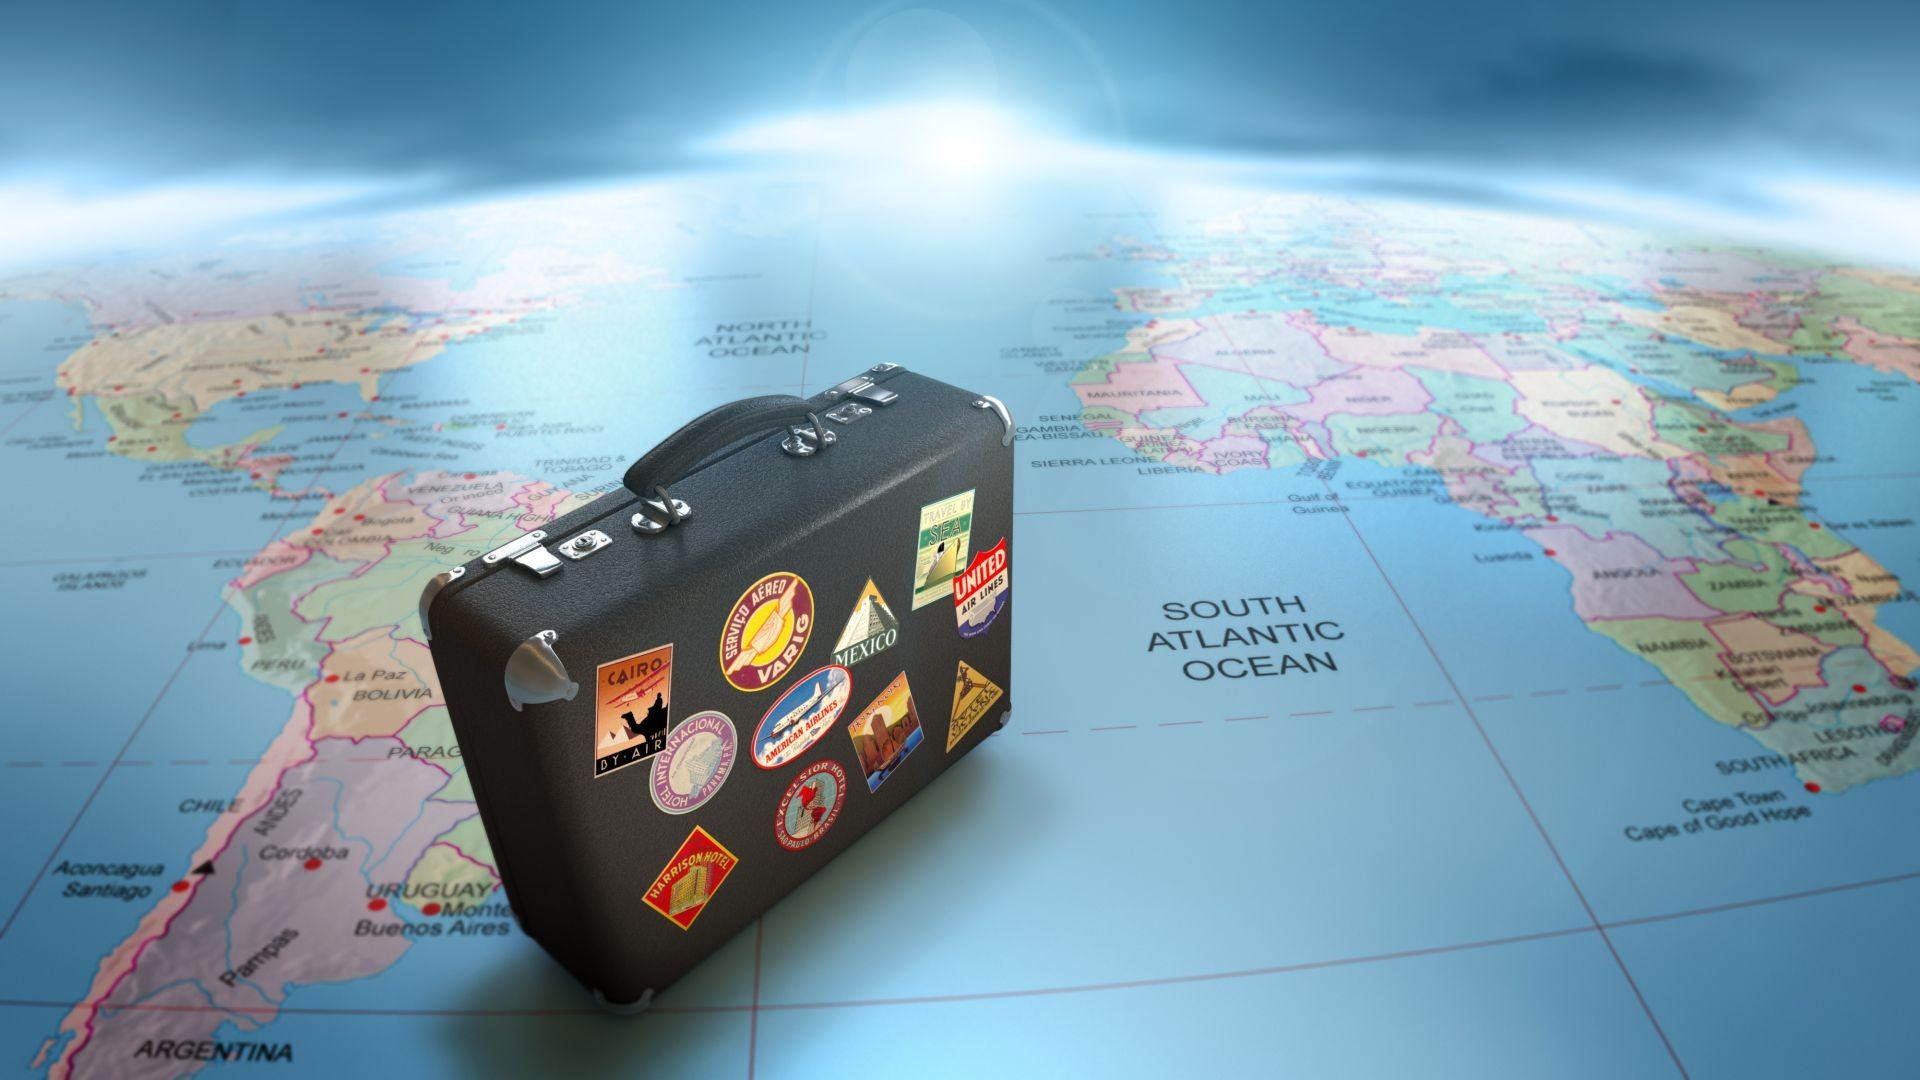 30 μοναδικά ταξιδιωτικά tips που θα σας κάνουν τη ζωή σας πιο εύκολη!